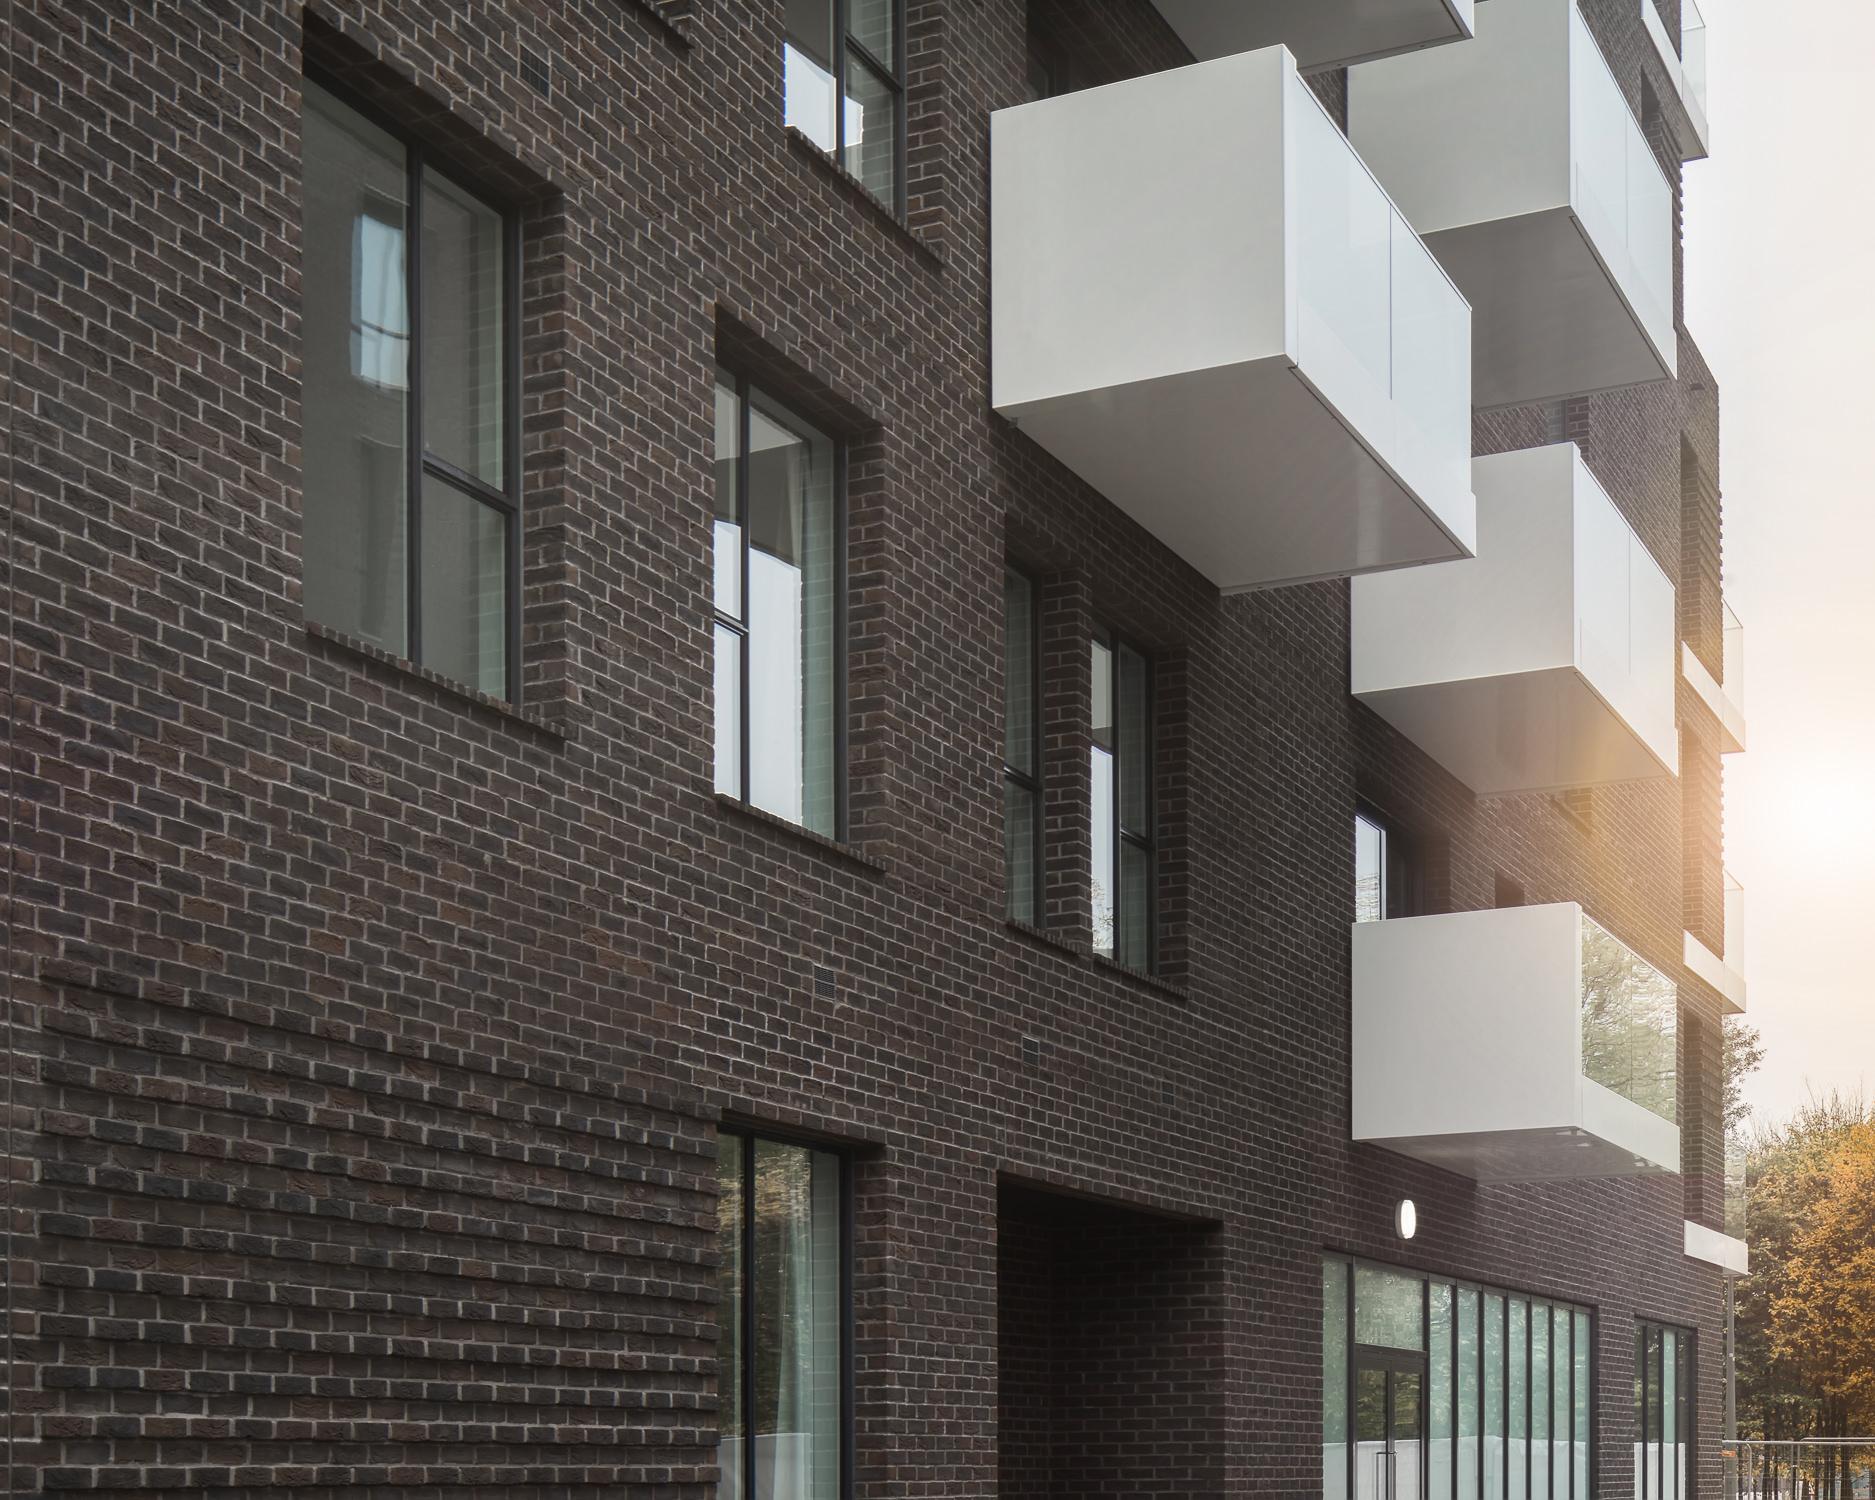 mark-hadden-architecture-photographer-architectuur-interieur-fotografie-london-amsterdam-cf-moller-greenwich-123.jpg